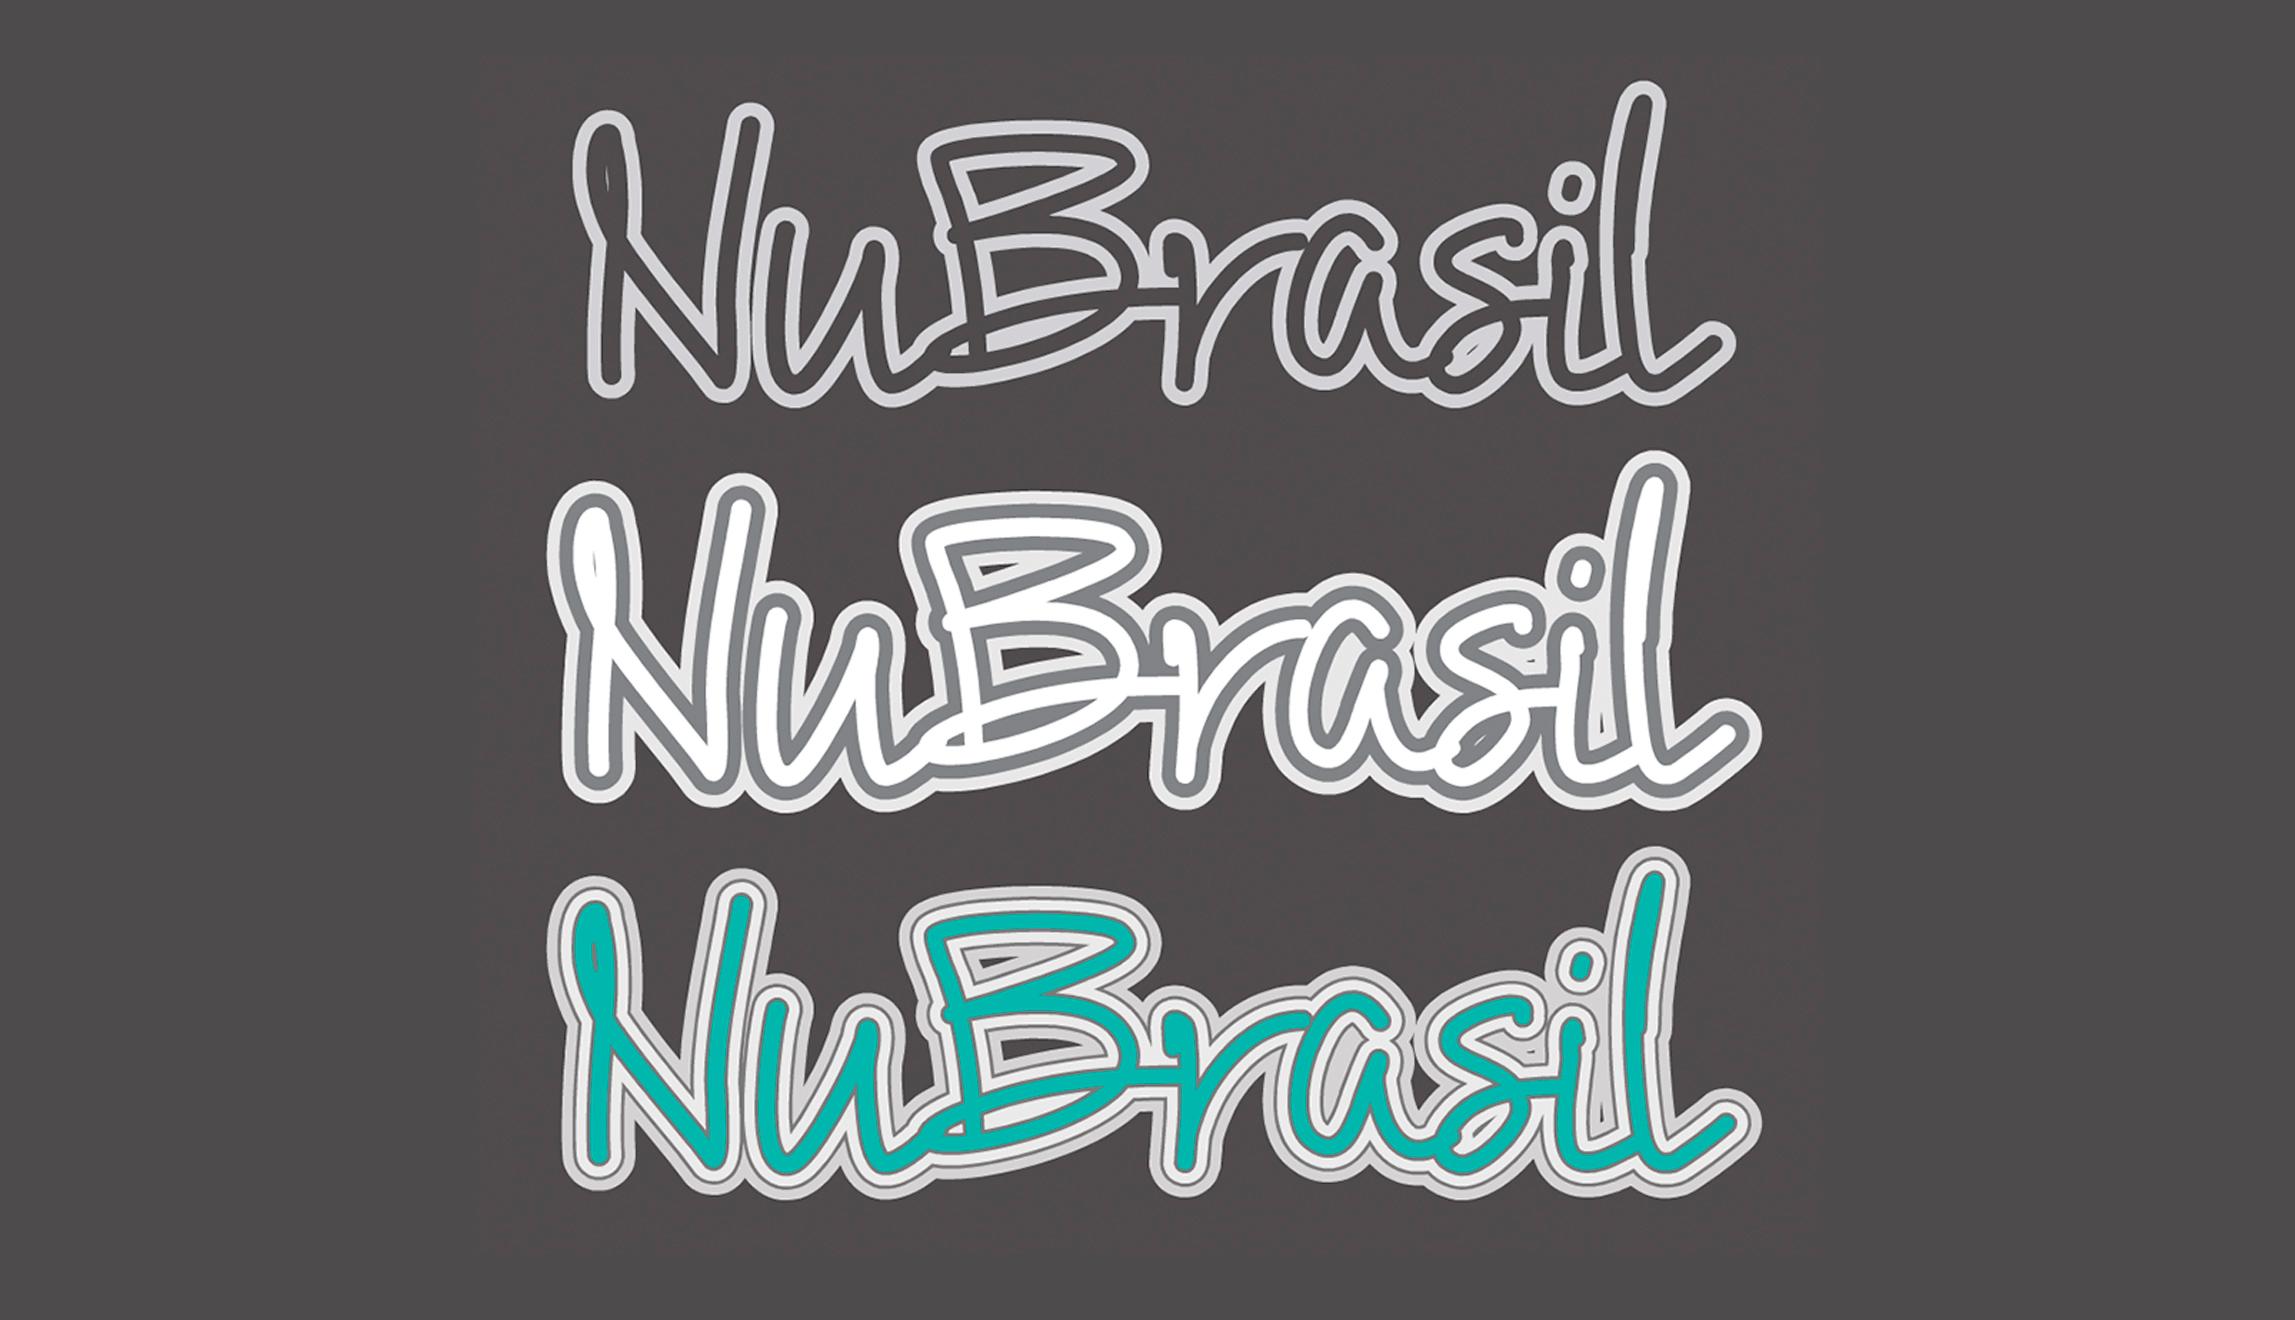 Nu-Brasil-4